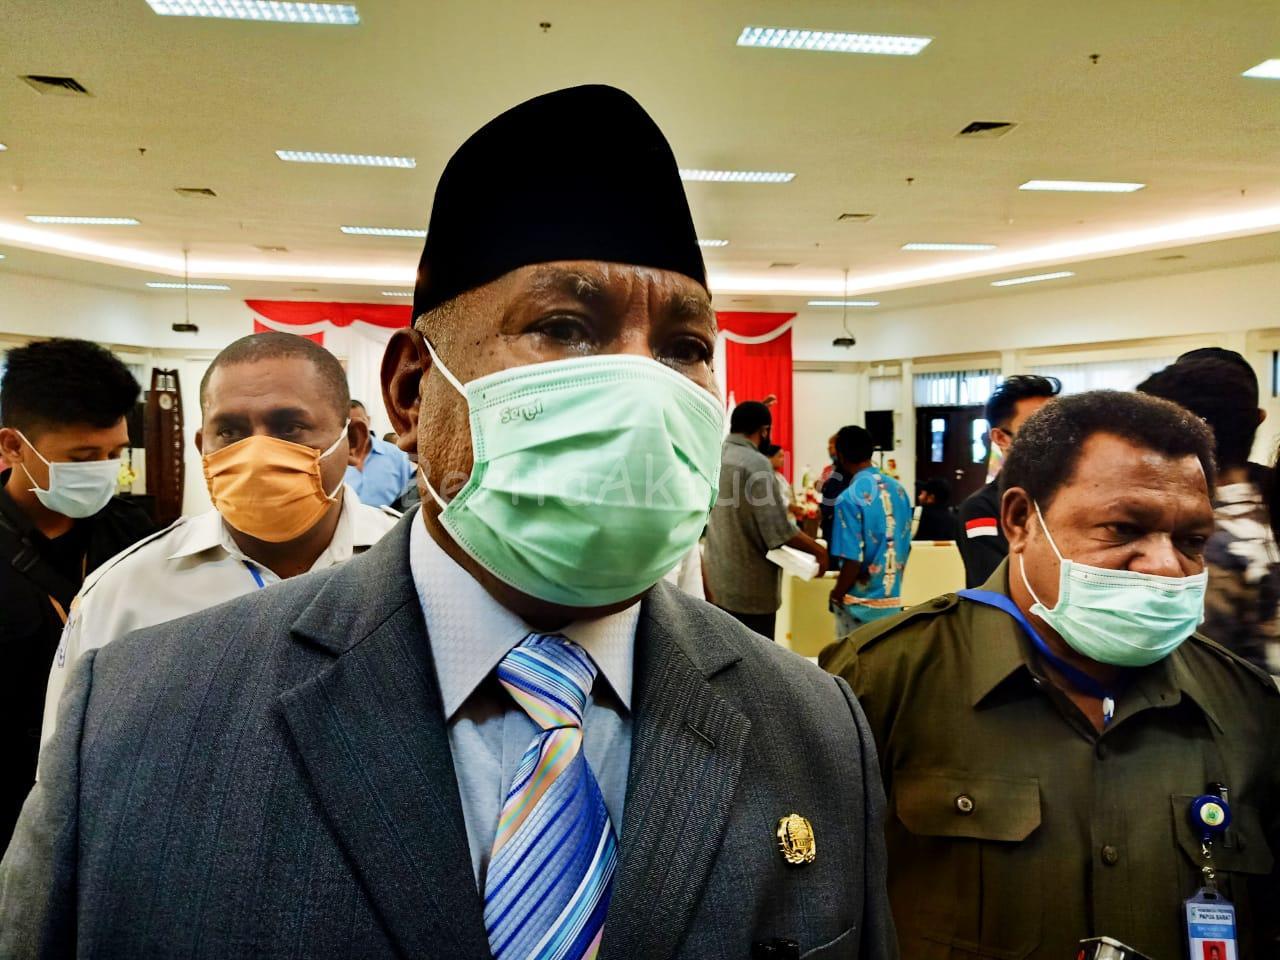 Mandacan: Papua Barat Siap Ikuti New Normal Jika Ada Instruksi Dari Pusat 3 IMG 20200528 WA0073